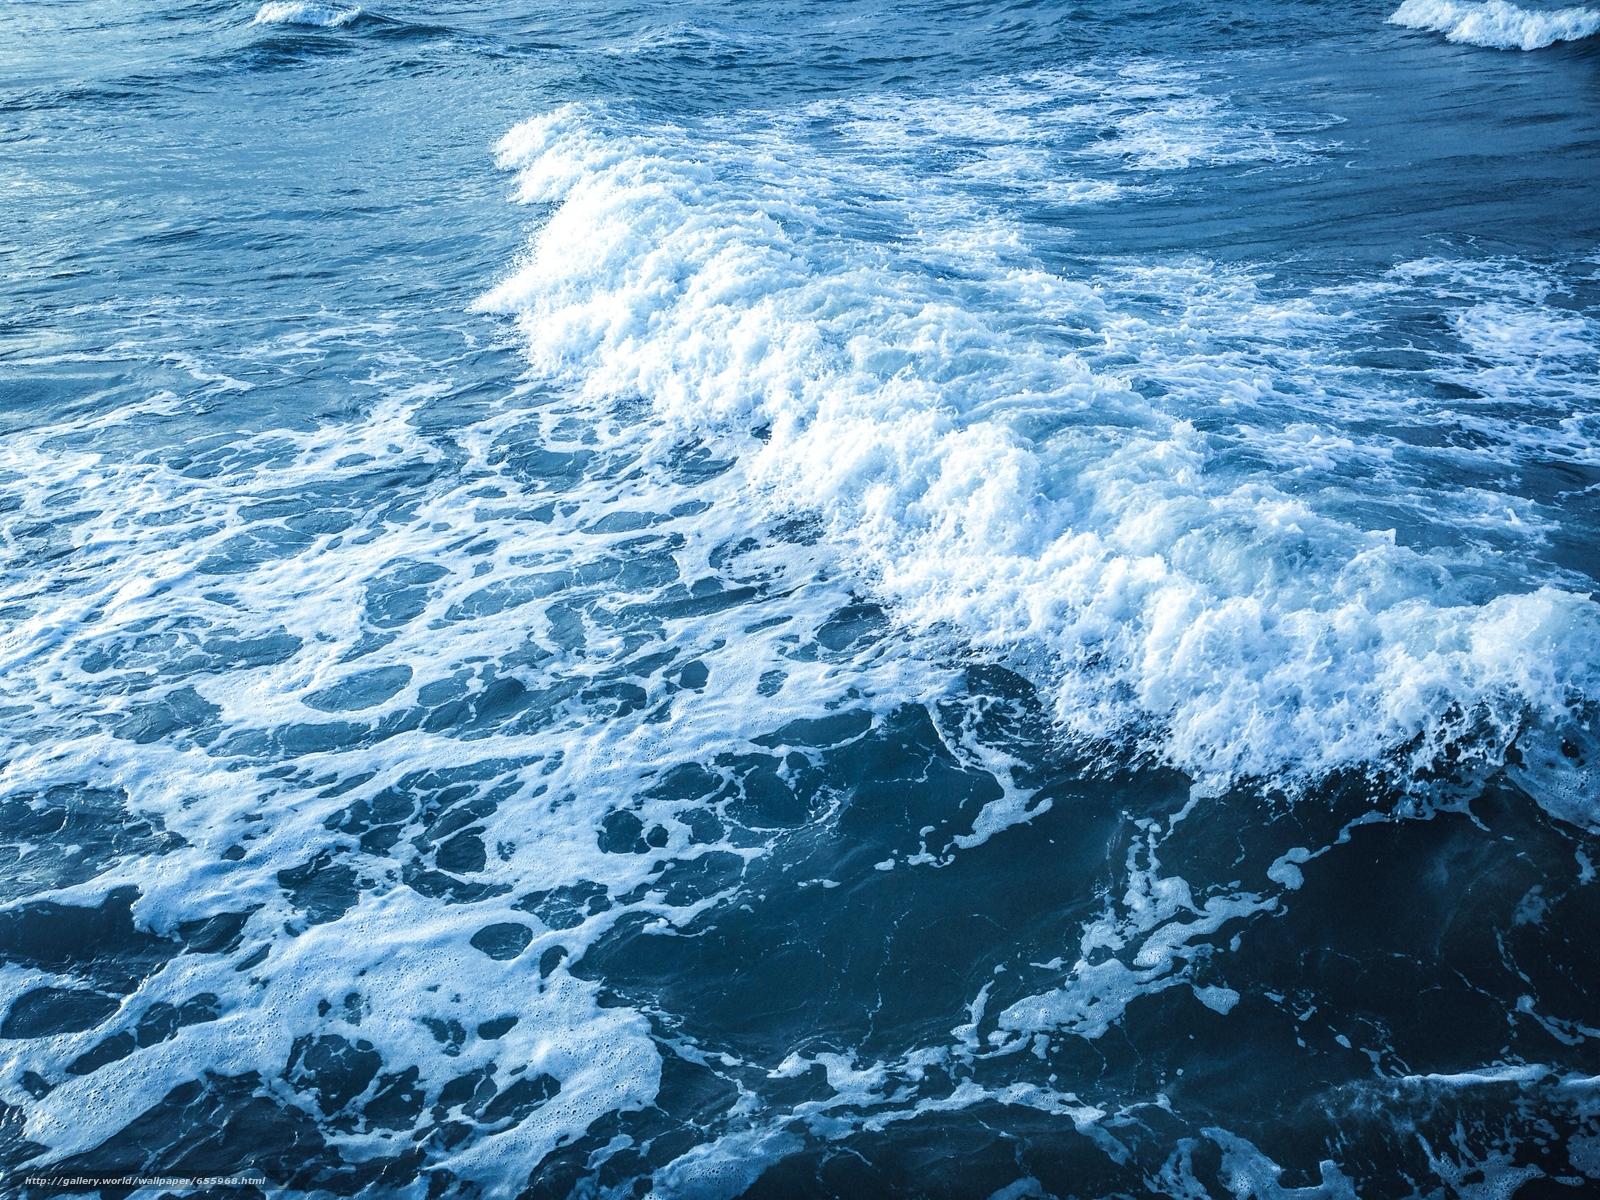 壁紙をダウンロード 海,  波浪,  風景 デスクトップの解像度のための無料壁紙 3264x2448 — 絵 №655968